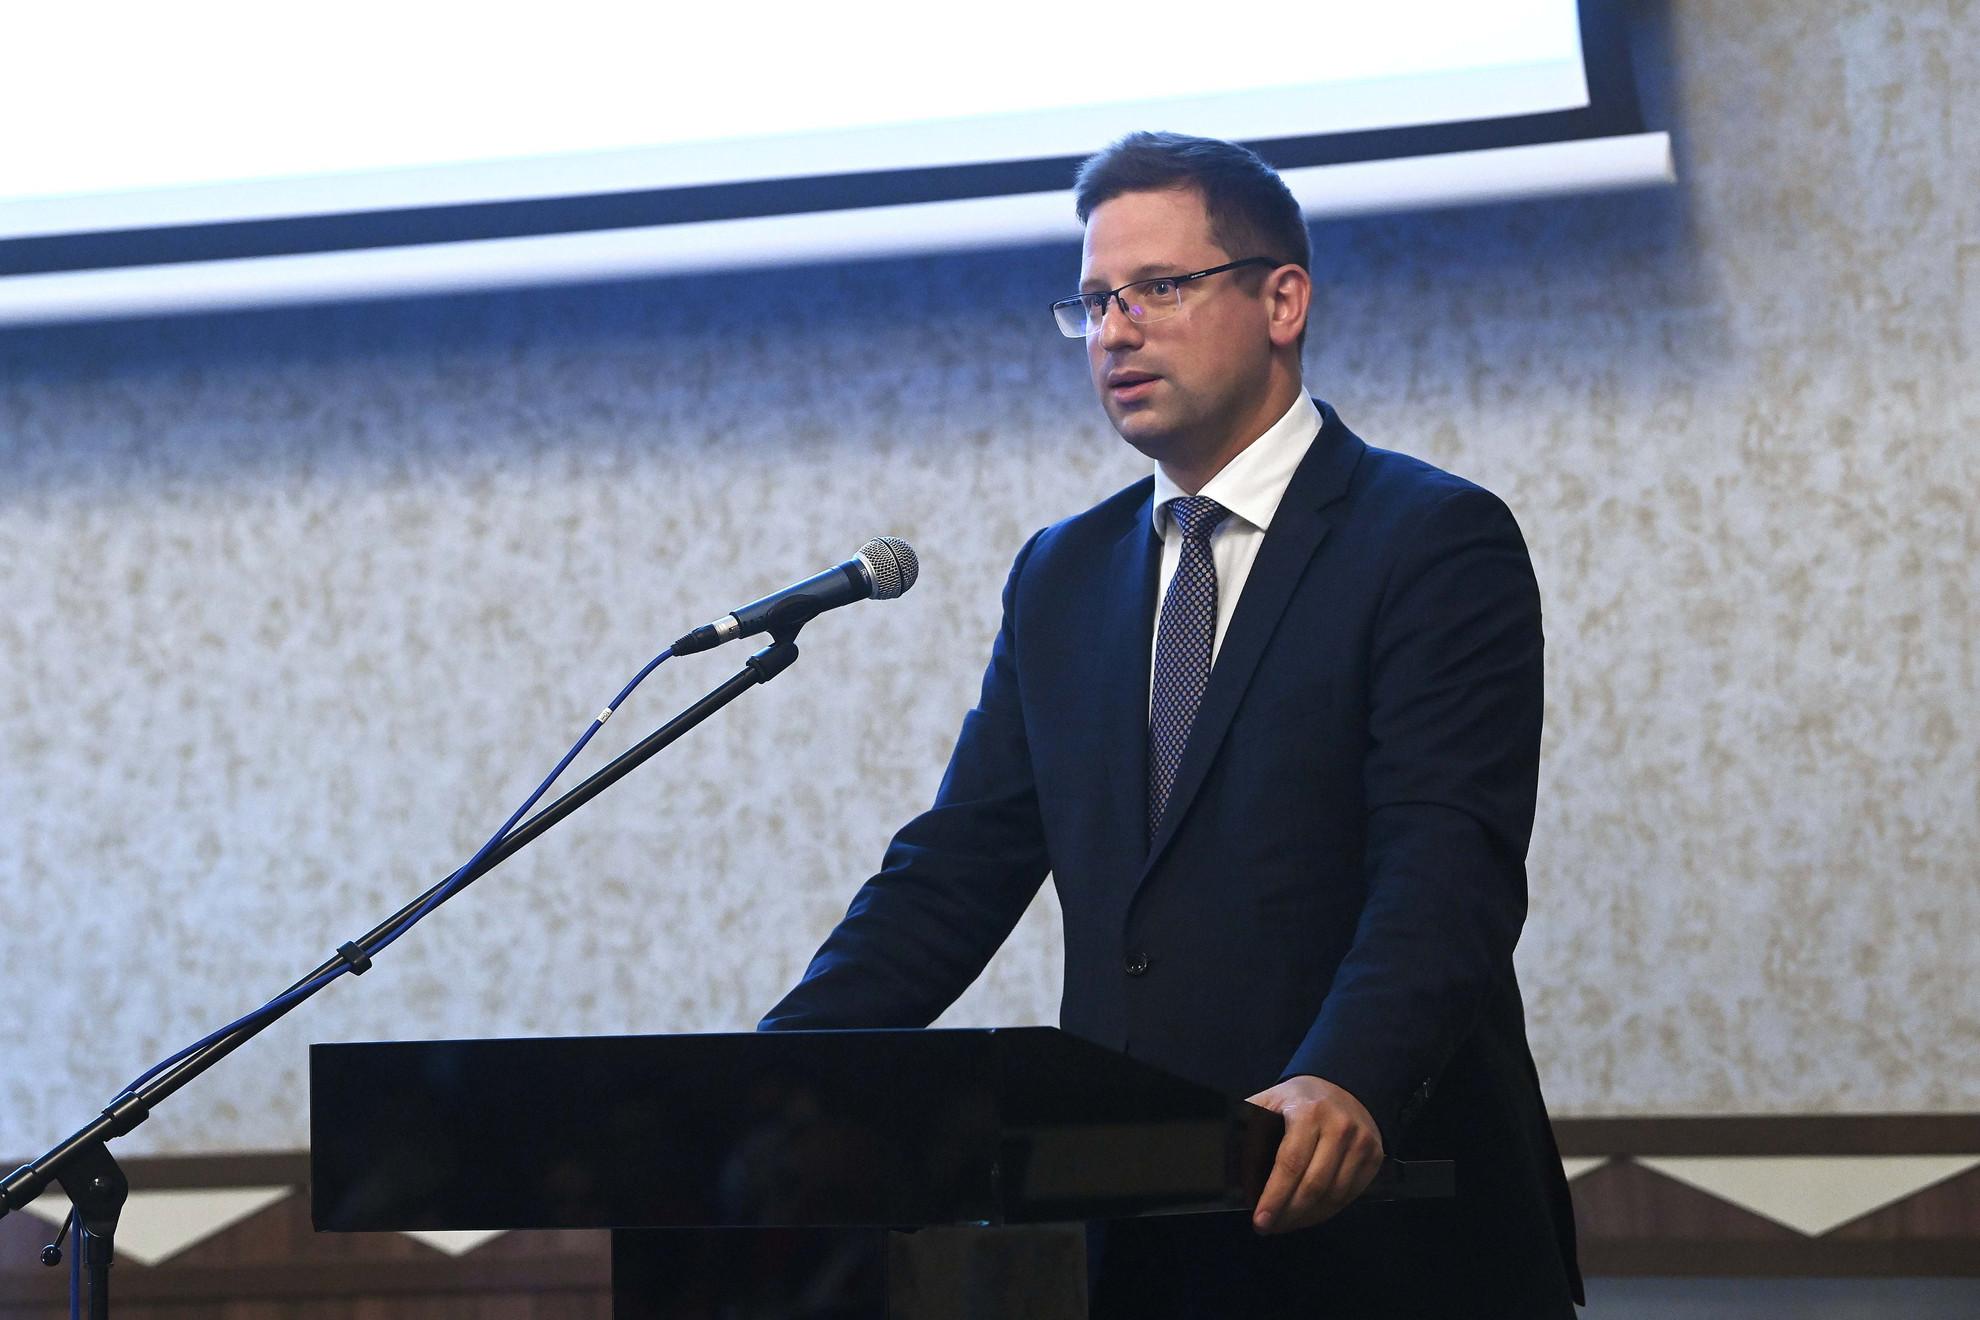 Gulyás Gergely, a Miniszterelnökséget vezető miniszter beszédet mond a Magyar Jogász Egylet (MJE) tizenötödik Magyar Jogászgyűlésén